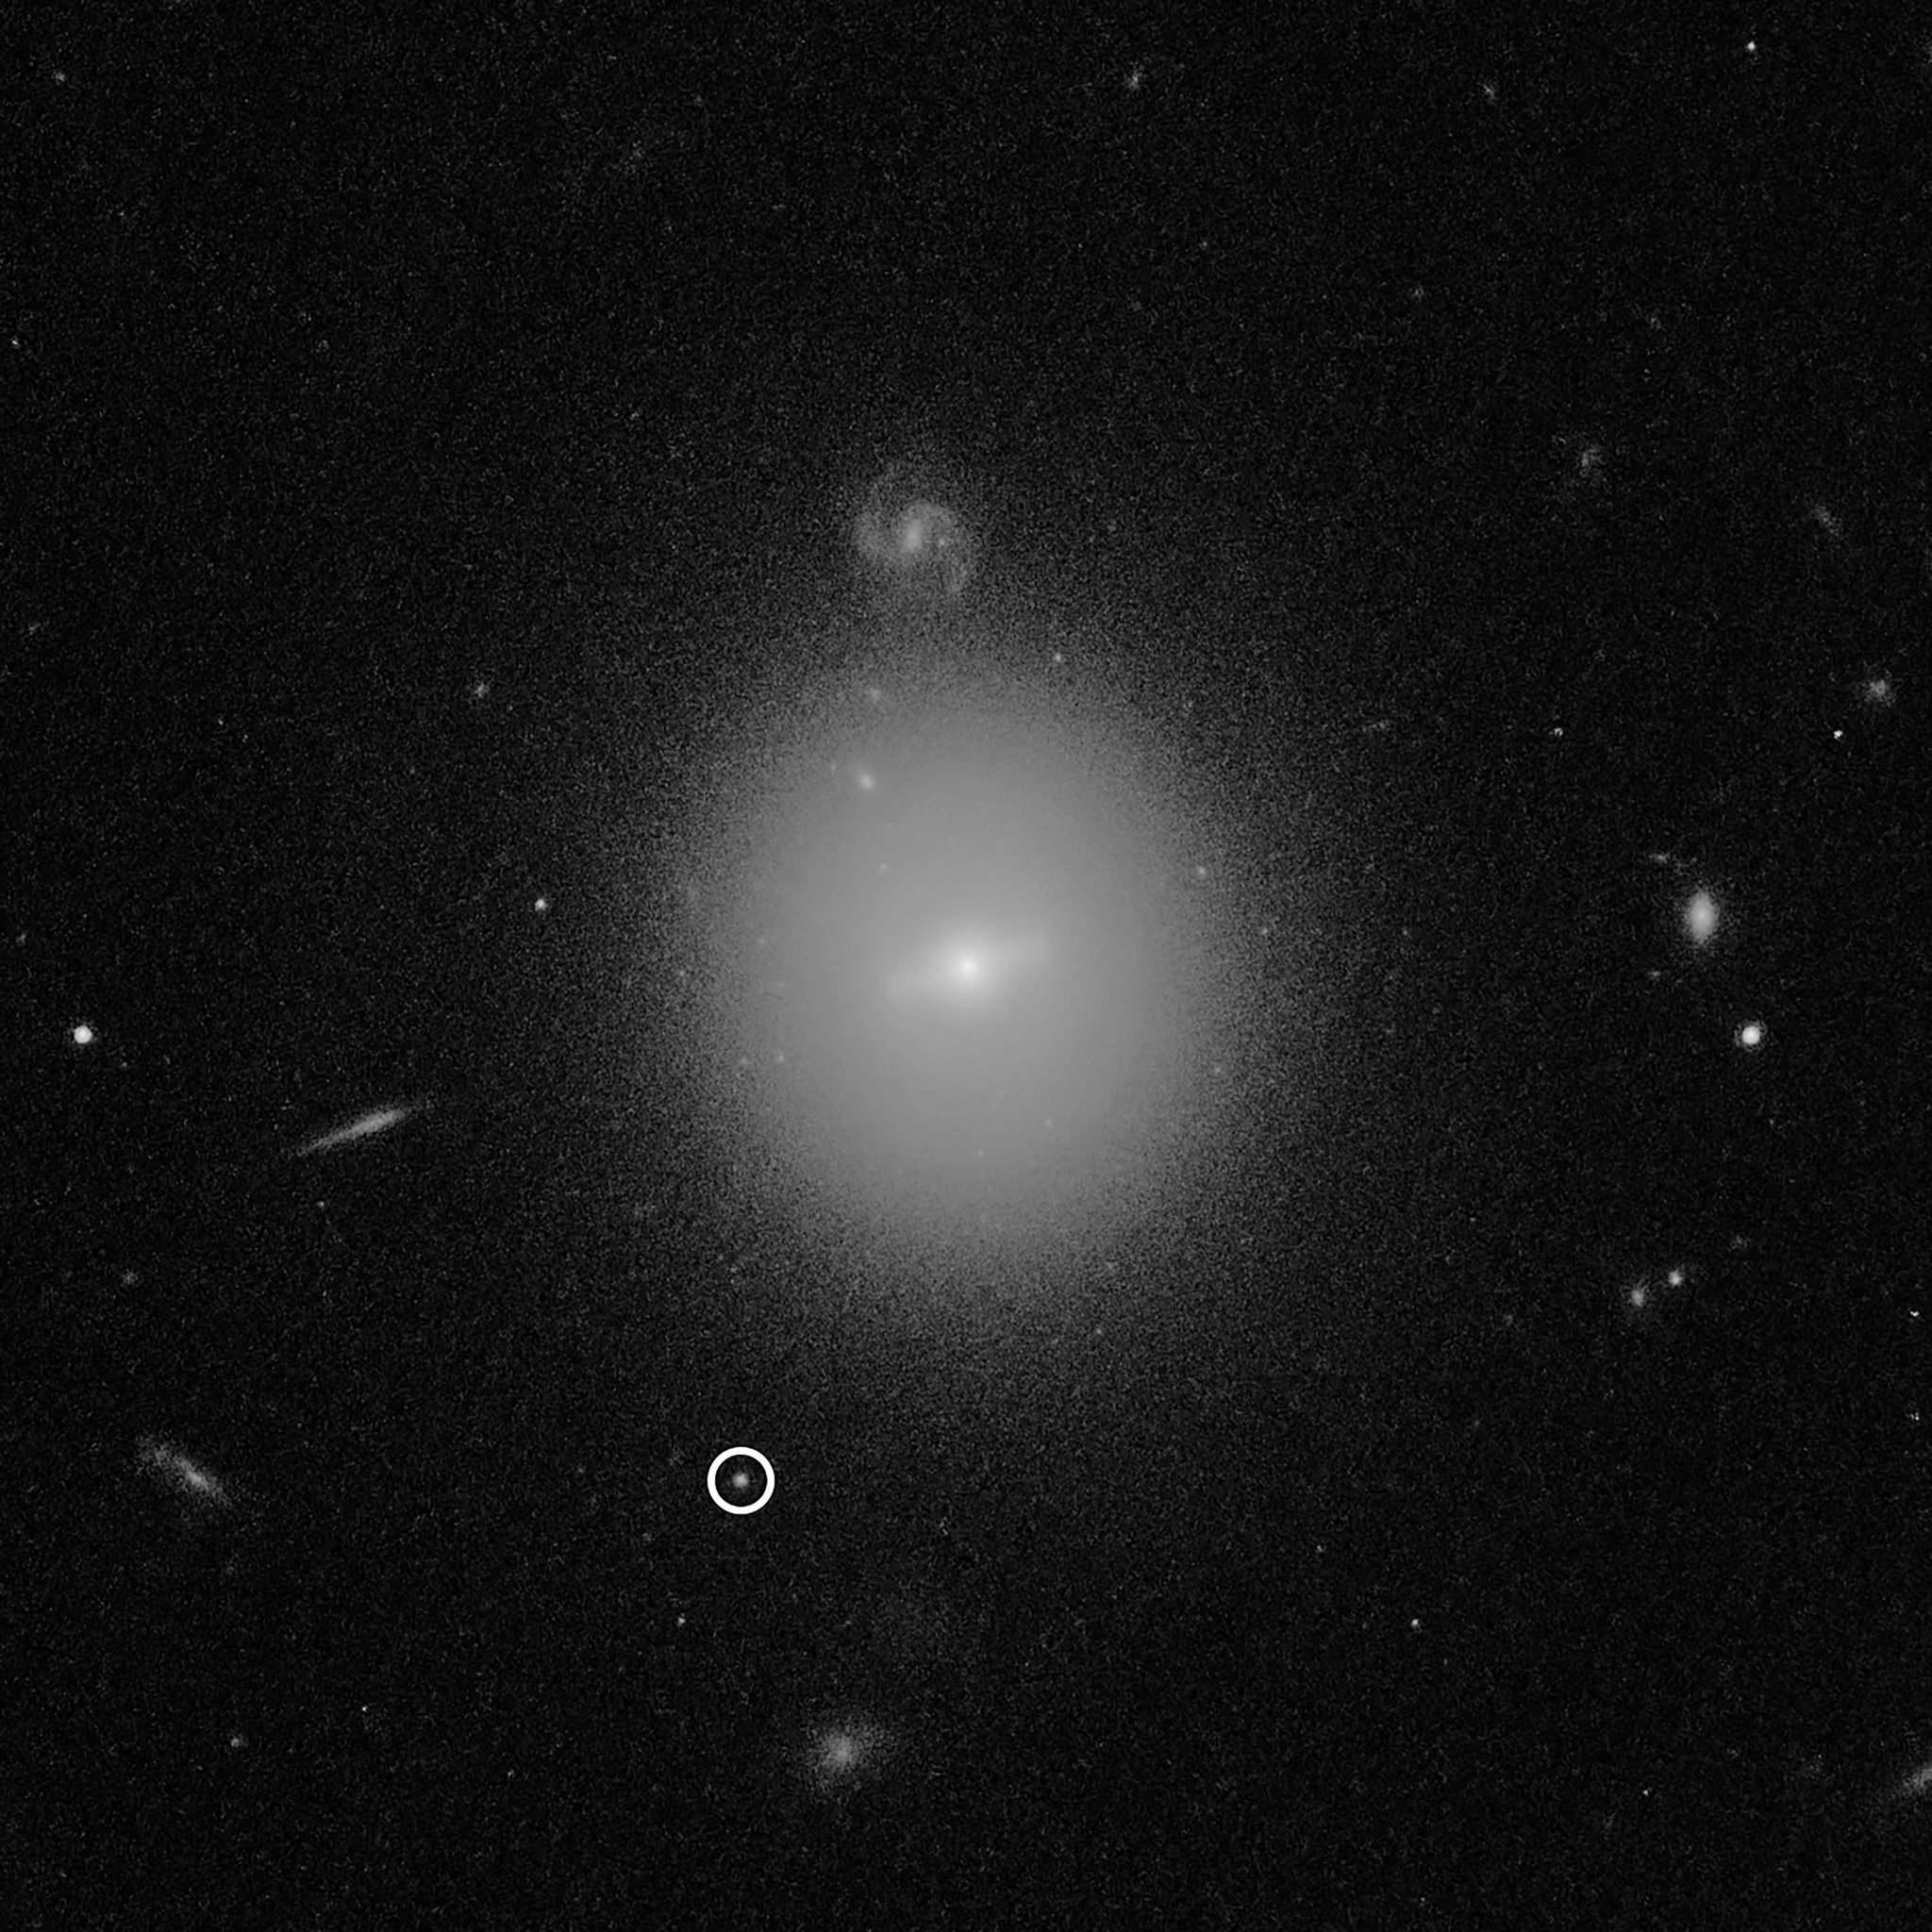 """宇宙深处,科学家发现了一个""""中介质量黑洞"""""""